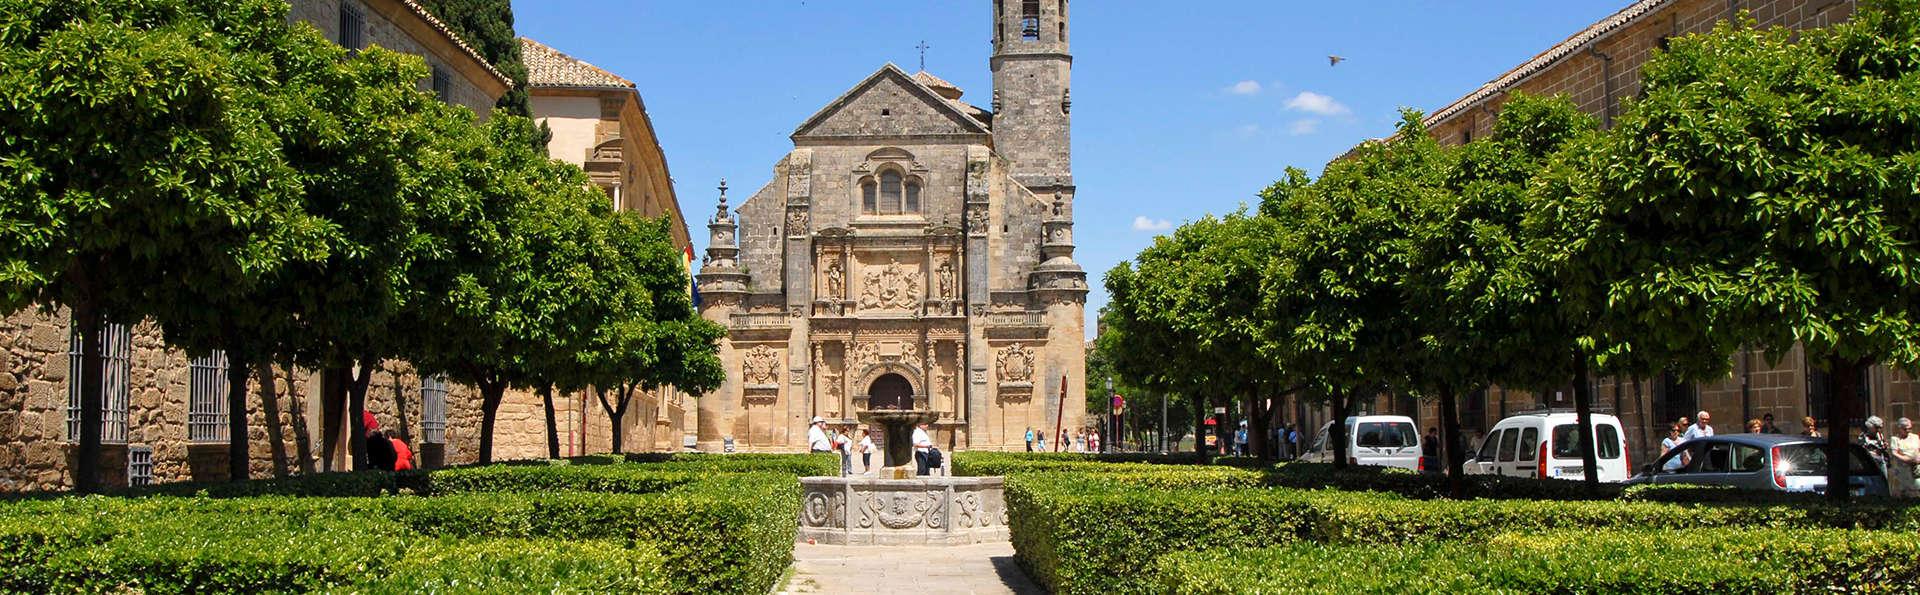 Palacio Las Manillas  - edit_Ubeda_1.jpg